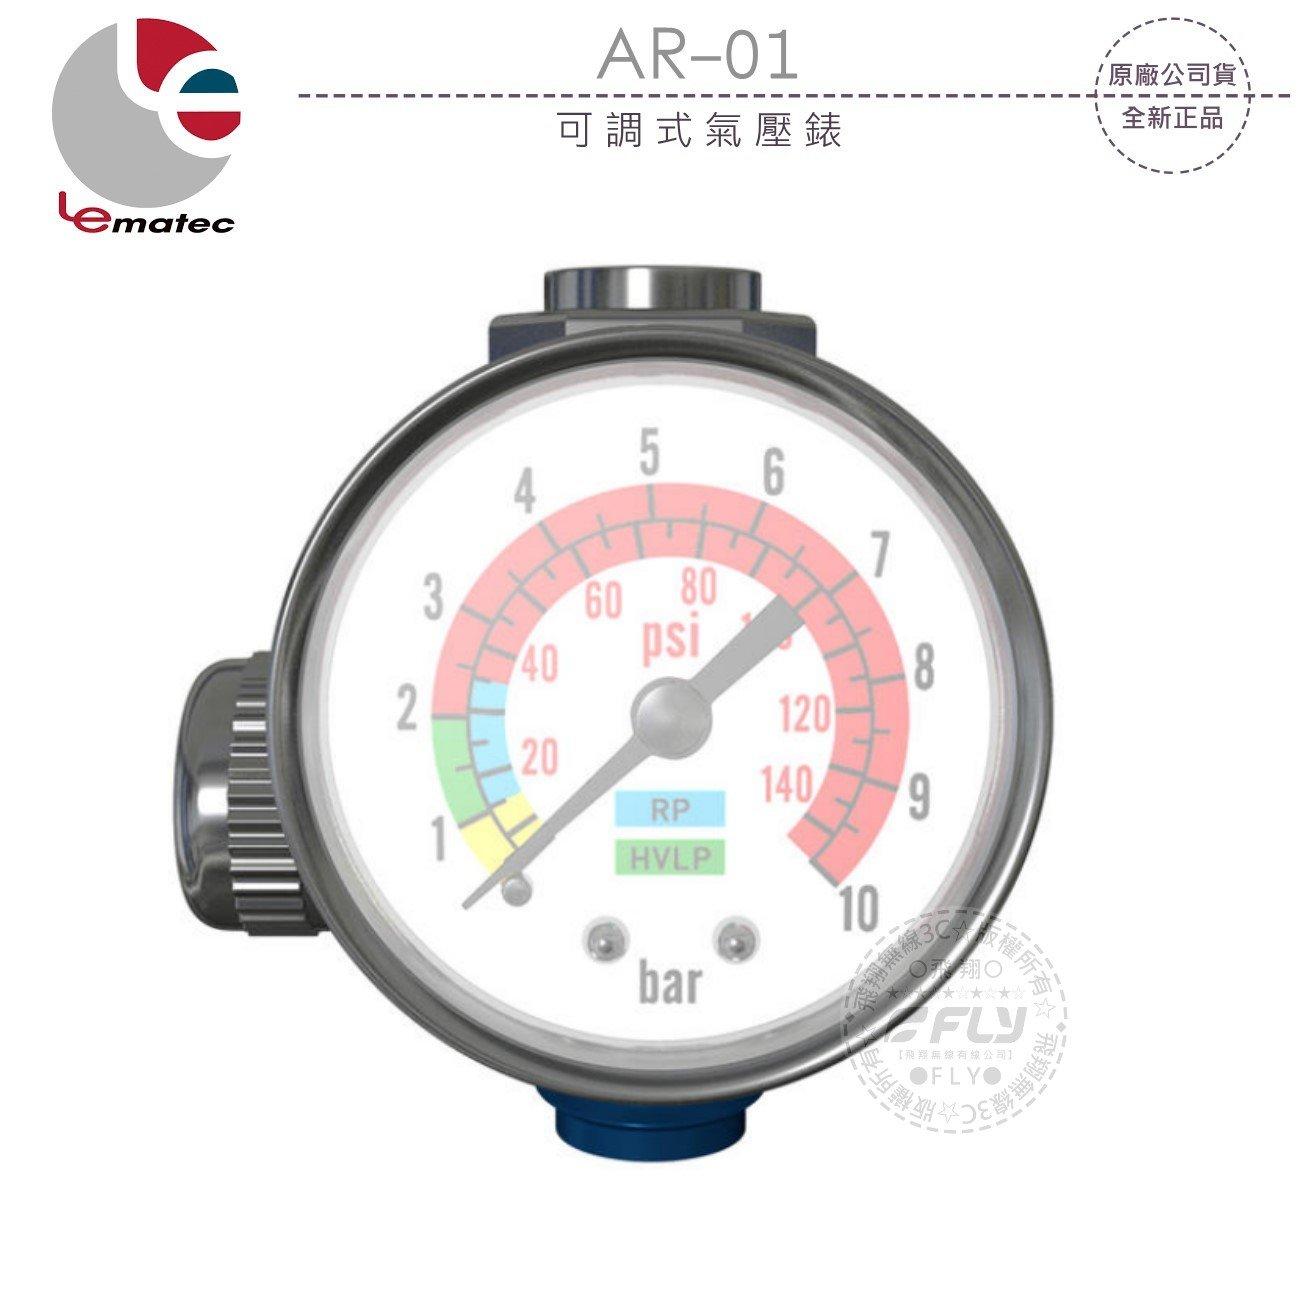 《飛翔無線3C》lematec AR-01 可調式氣壓錶│ 貨│氣壓計 空氣噴漆噴槍調節器 壓縮機調壓閥